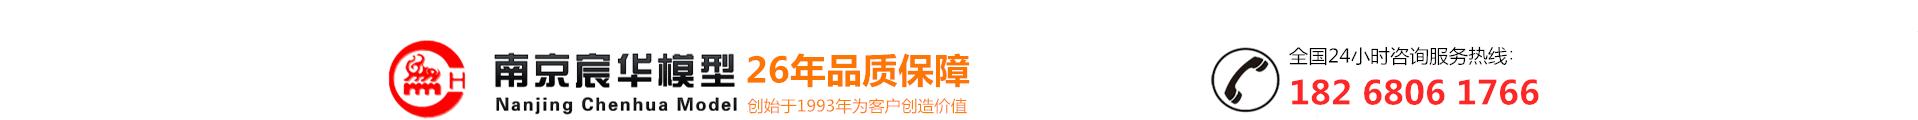 南京宸華建築科技服務有限責任公司